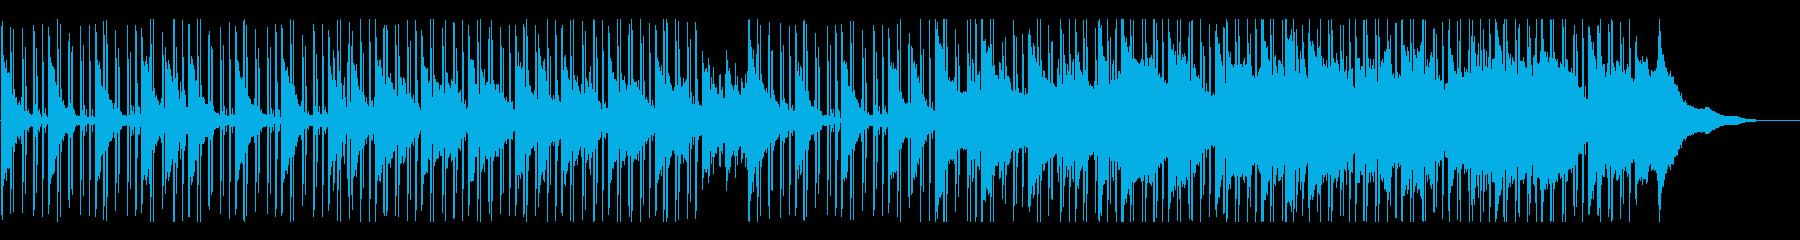 ピアノがオシャレなLo-Fiヒップホップの再生済みの波形